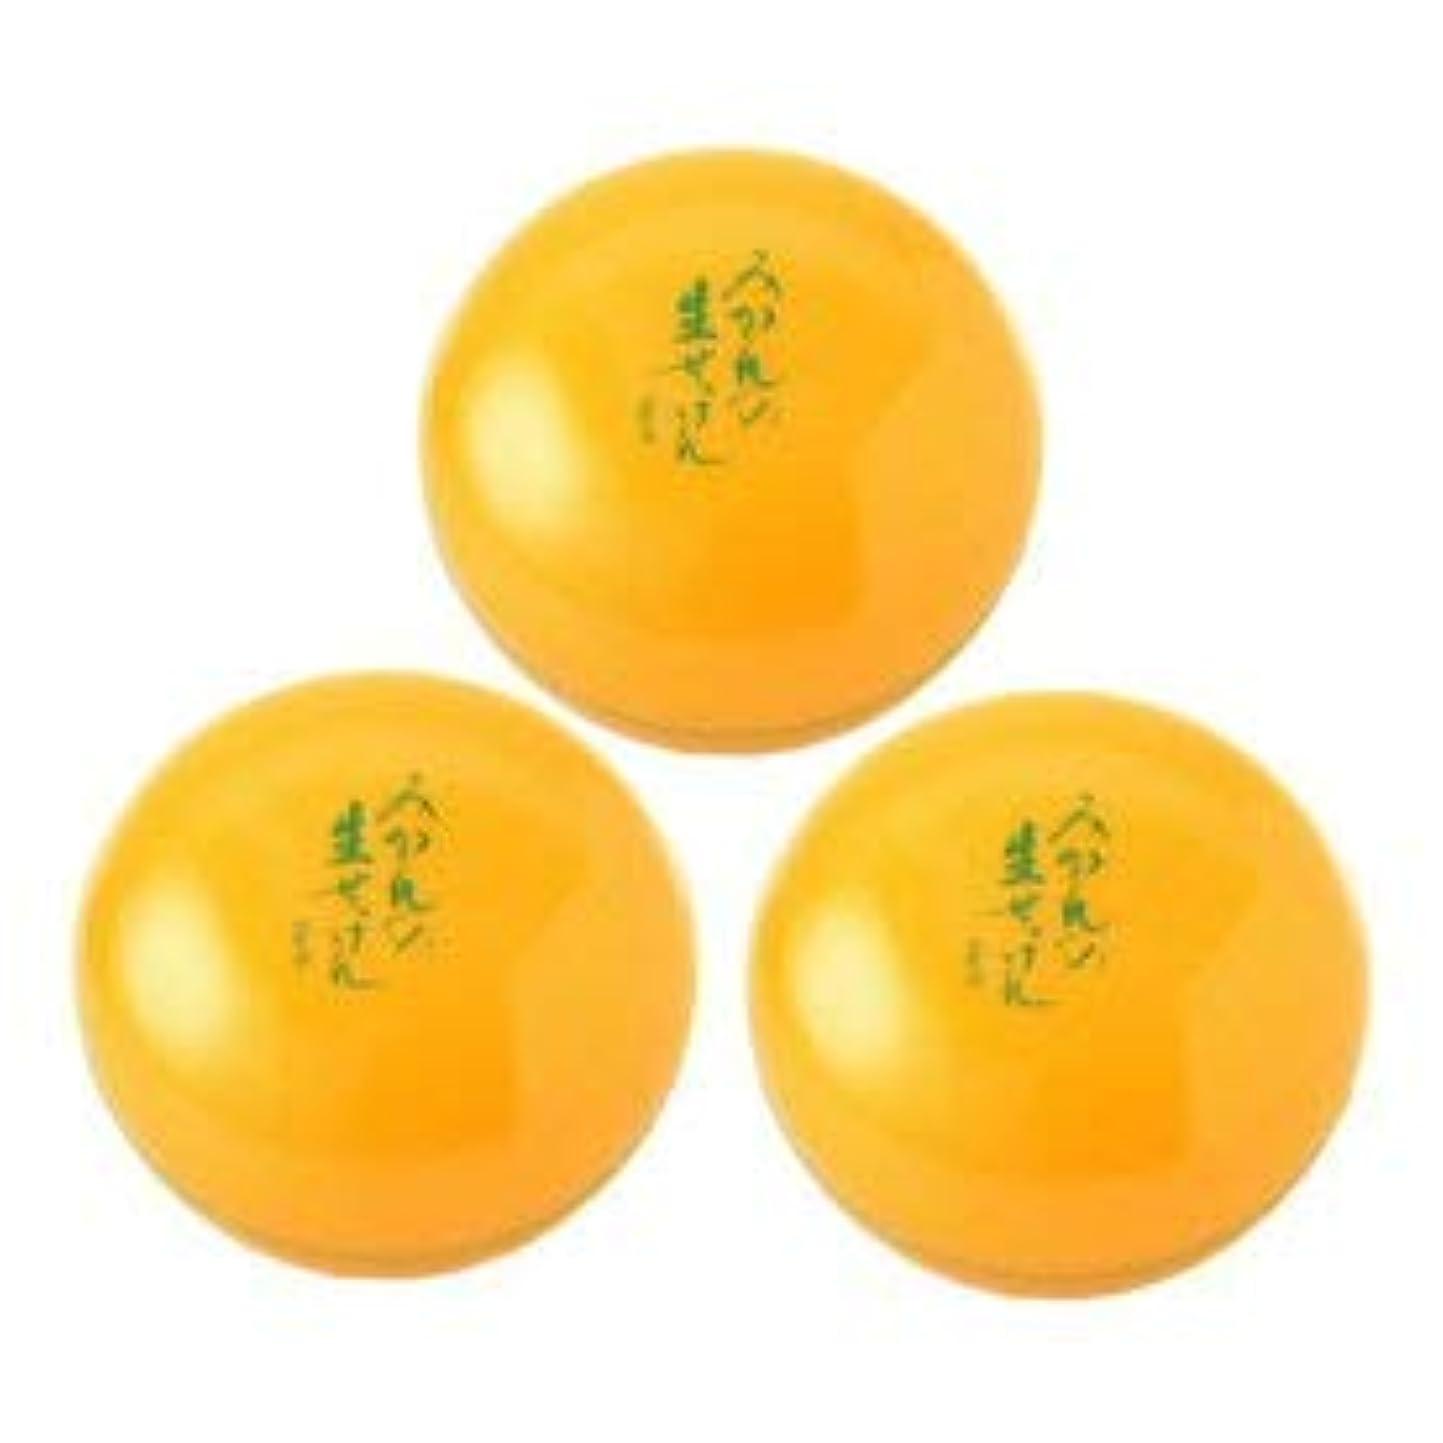 幻滅実験室権限を与えるUYEKI美香柑みかんの生せっけん50g×3個セット